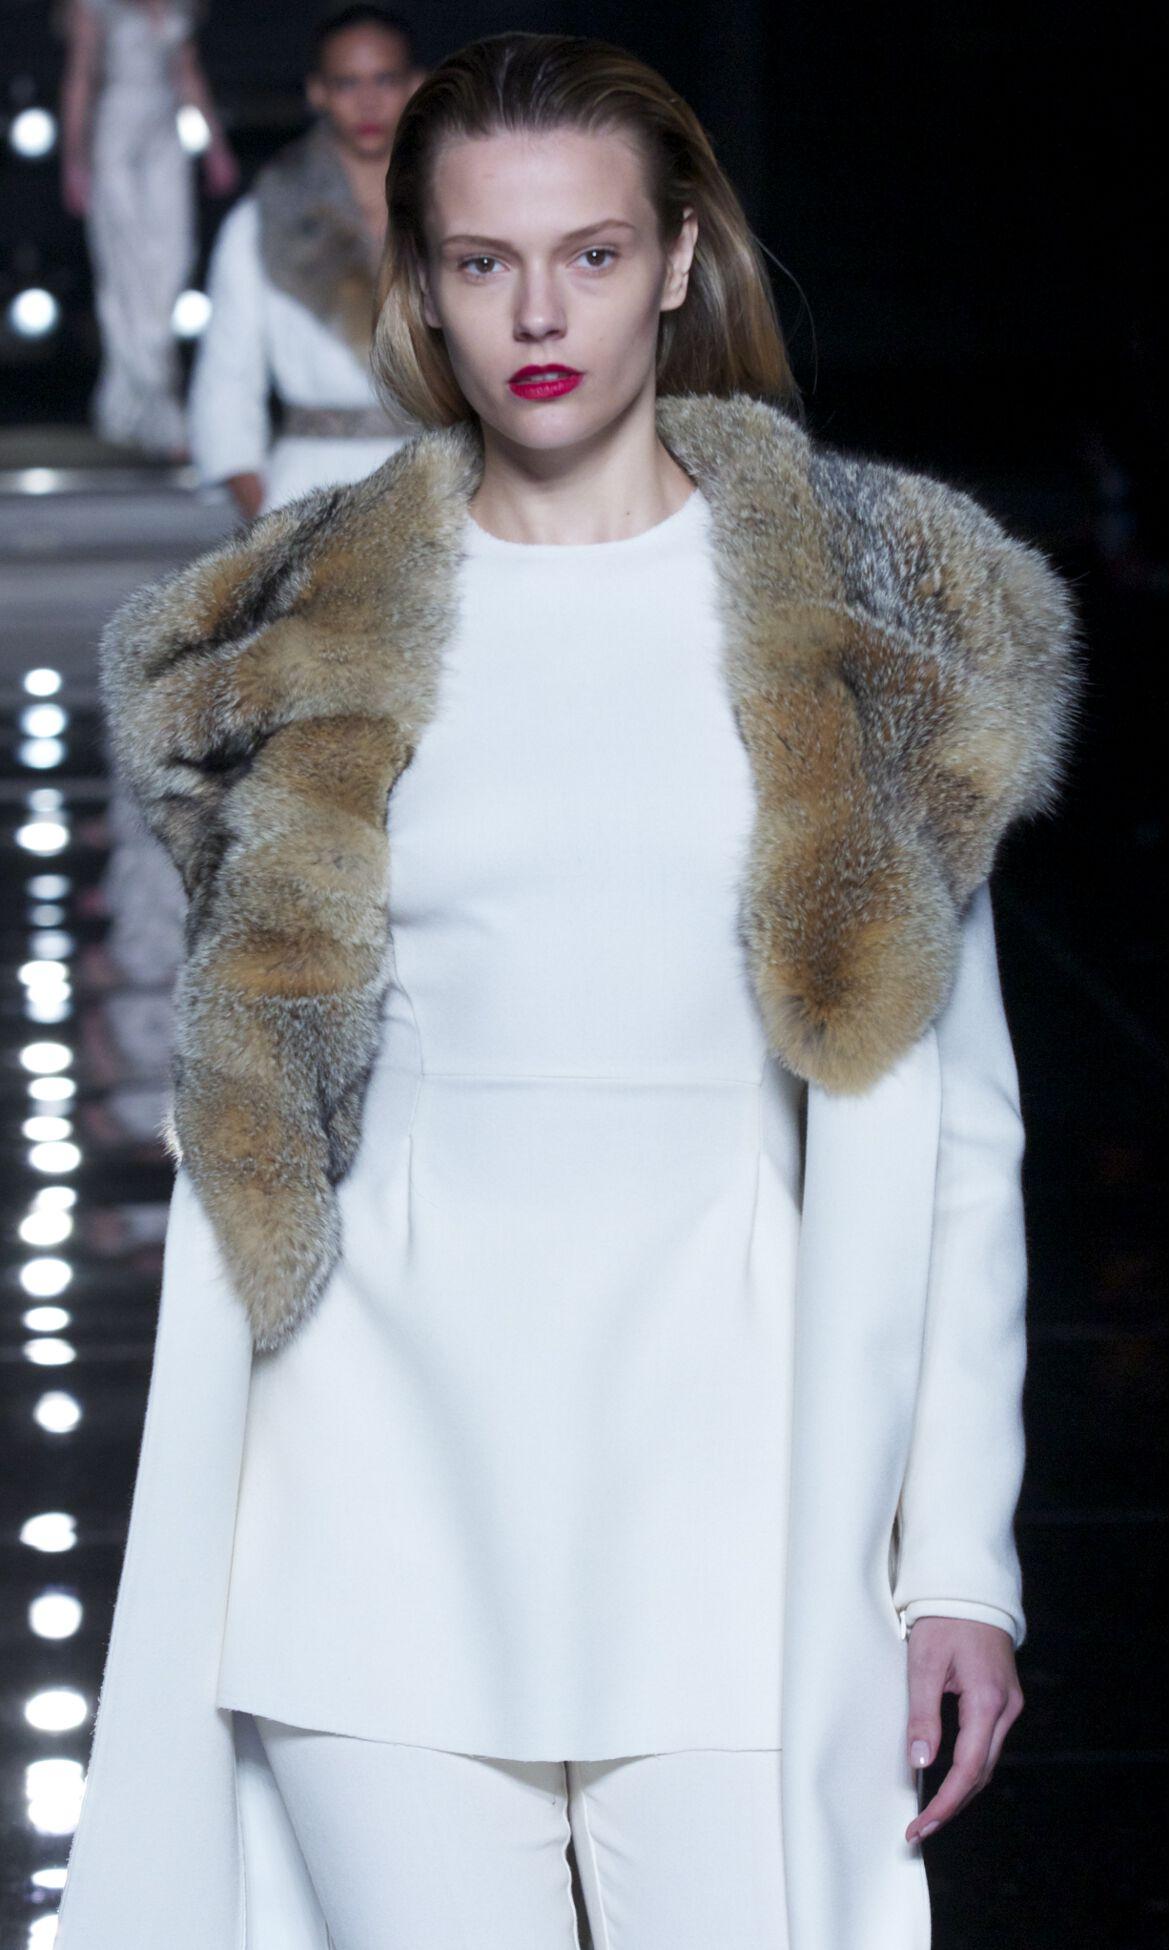 Ermanno Scervino Women's Pre Collection 2013 2014